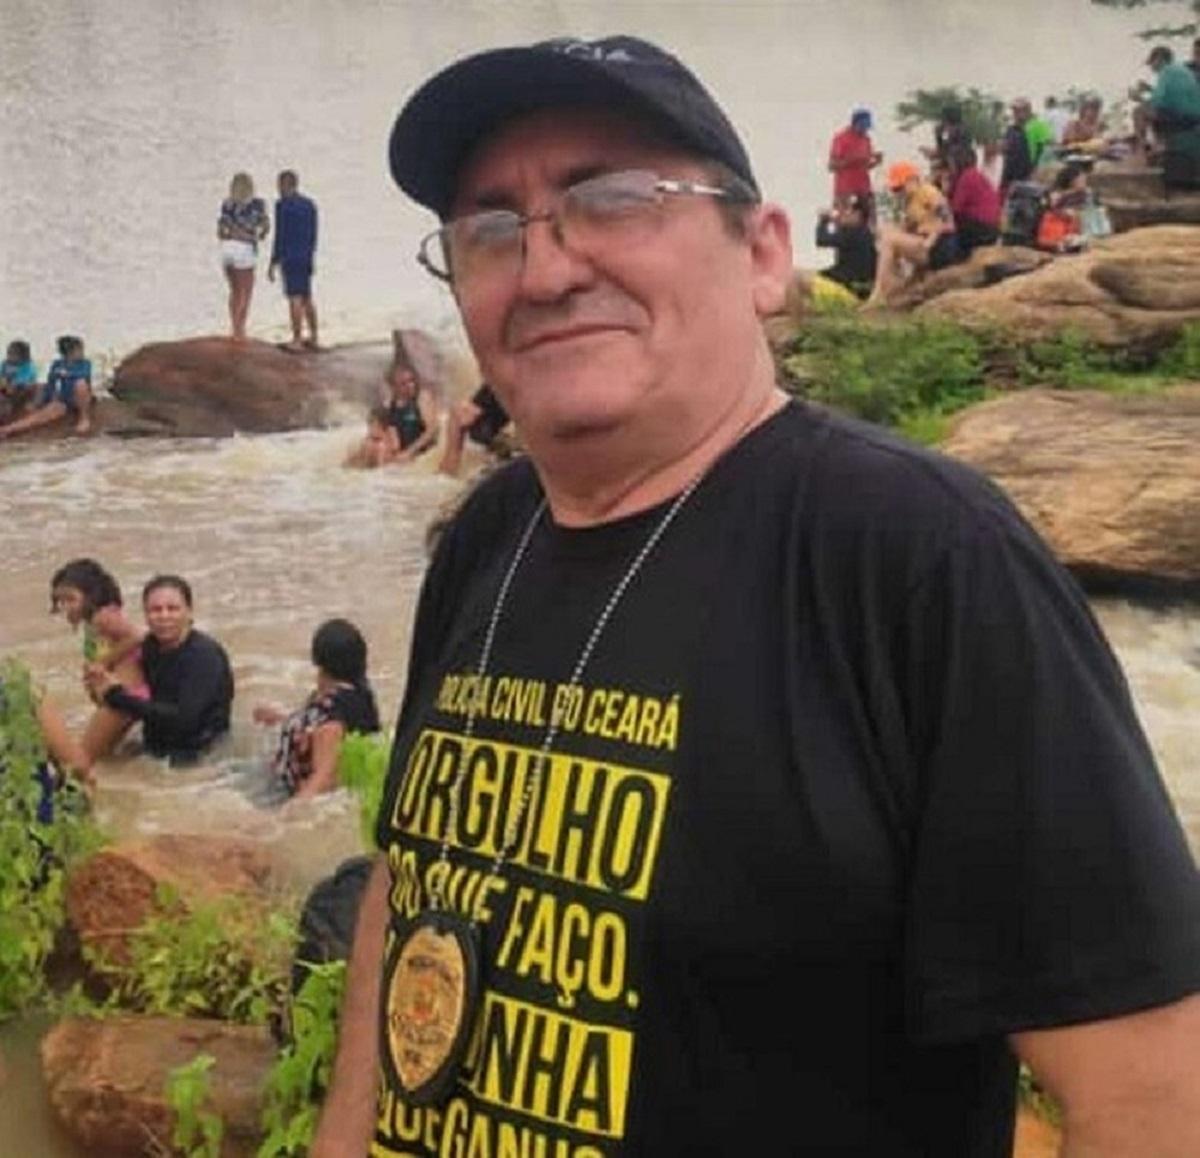 Foto do escrivão morto dentro da Delegacia Regional de Tauá. Na imagem, Aloizio Alves está sorrindo levemente, com brasão policial no pescoço em um ambiente rodeado por areia